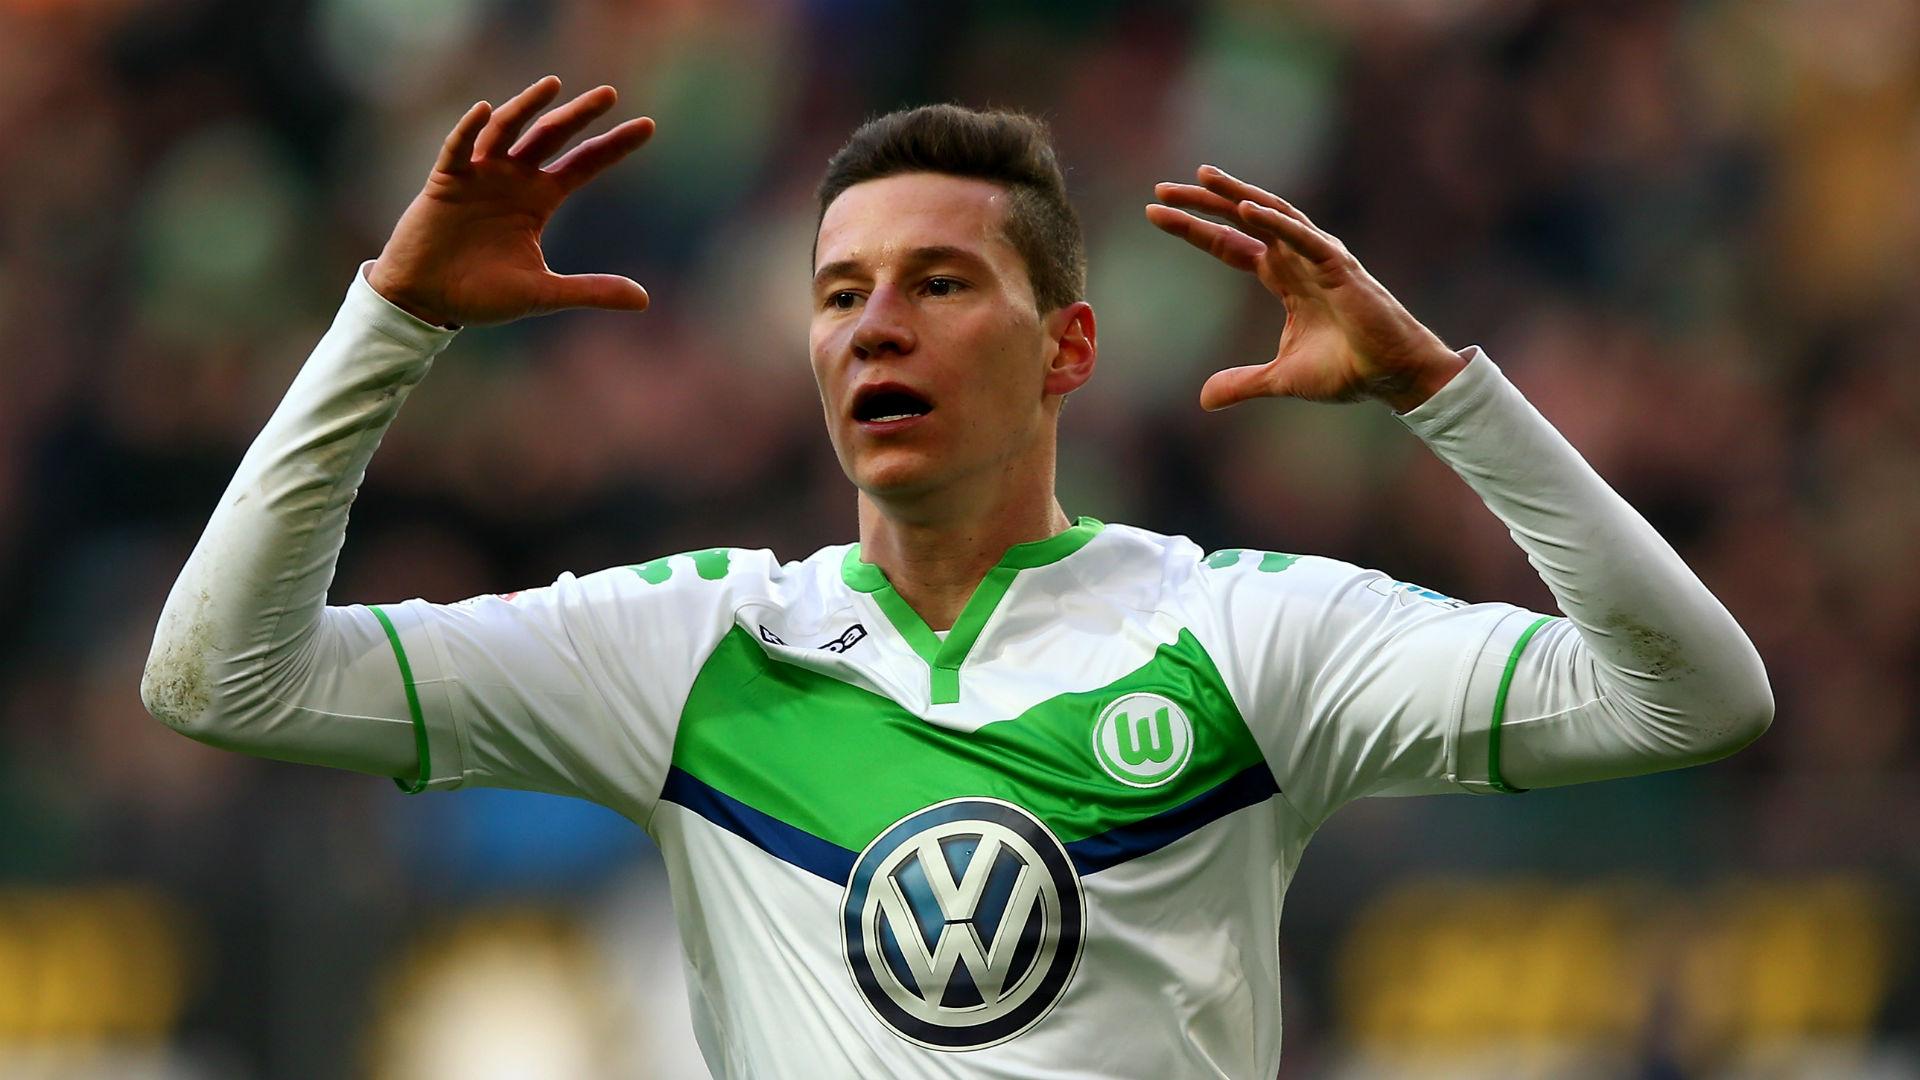 Wolfsburg beats Braunschweig 1-0 in 1st relegation playoff